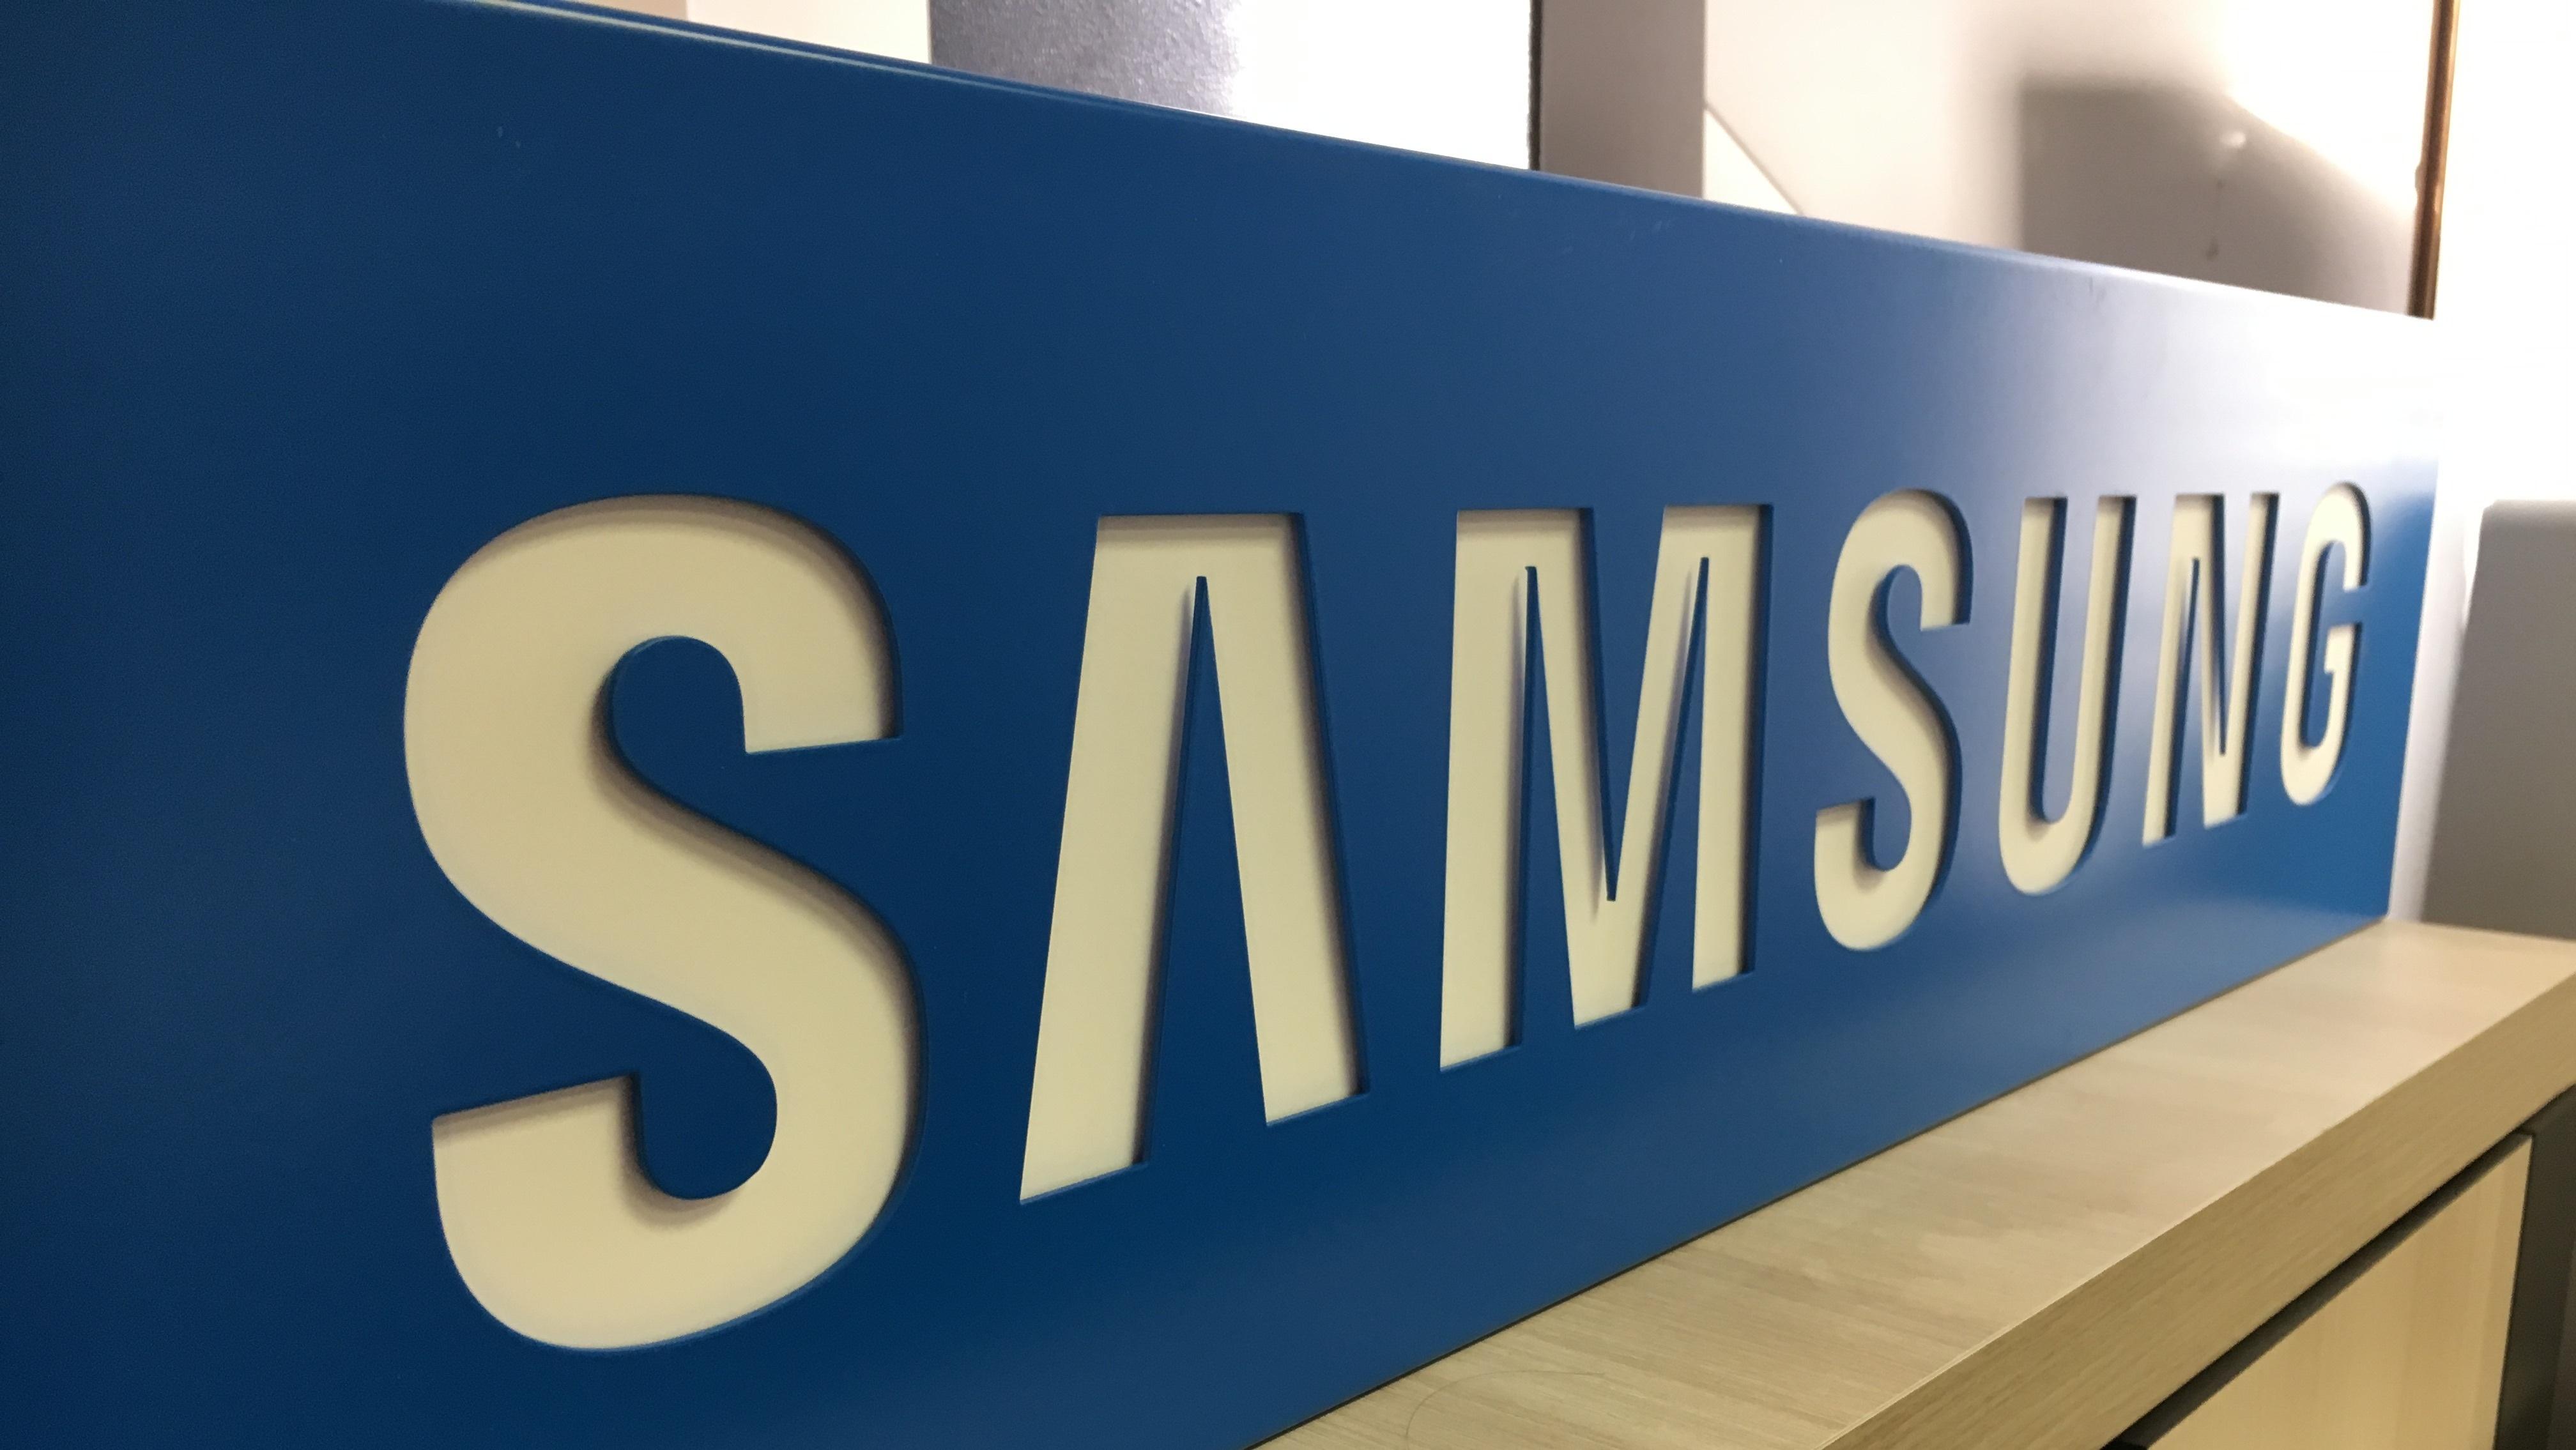 https://0901.nccdn.net/4_2/000/000/038/2d3/Samsung-2-4032x2270.jpg